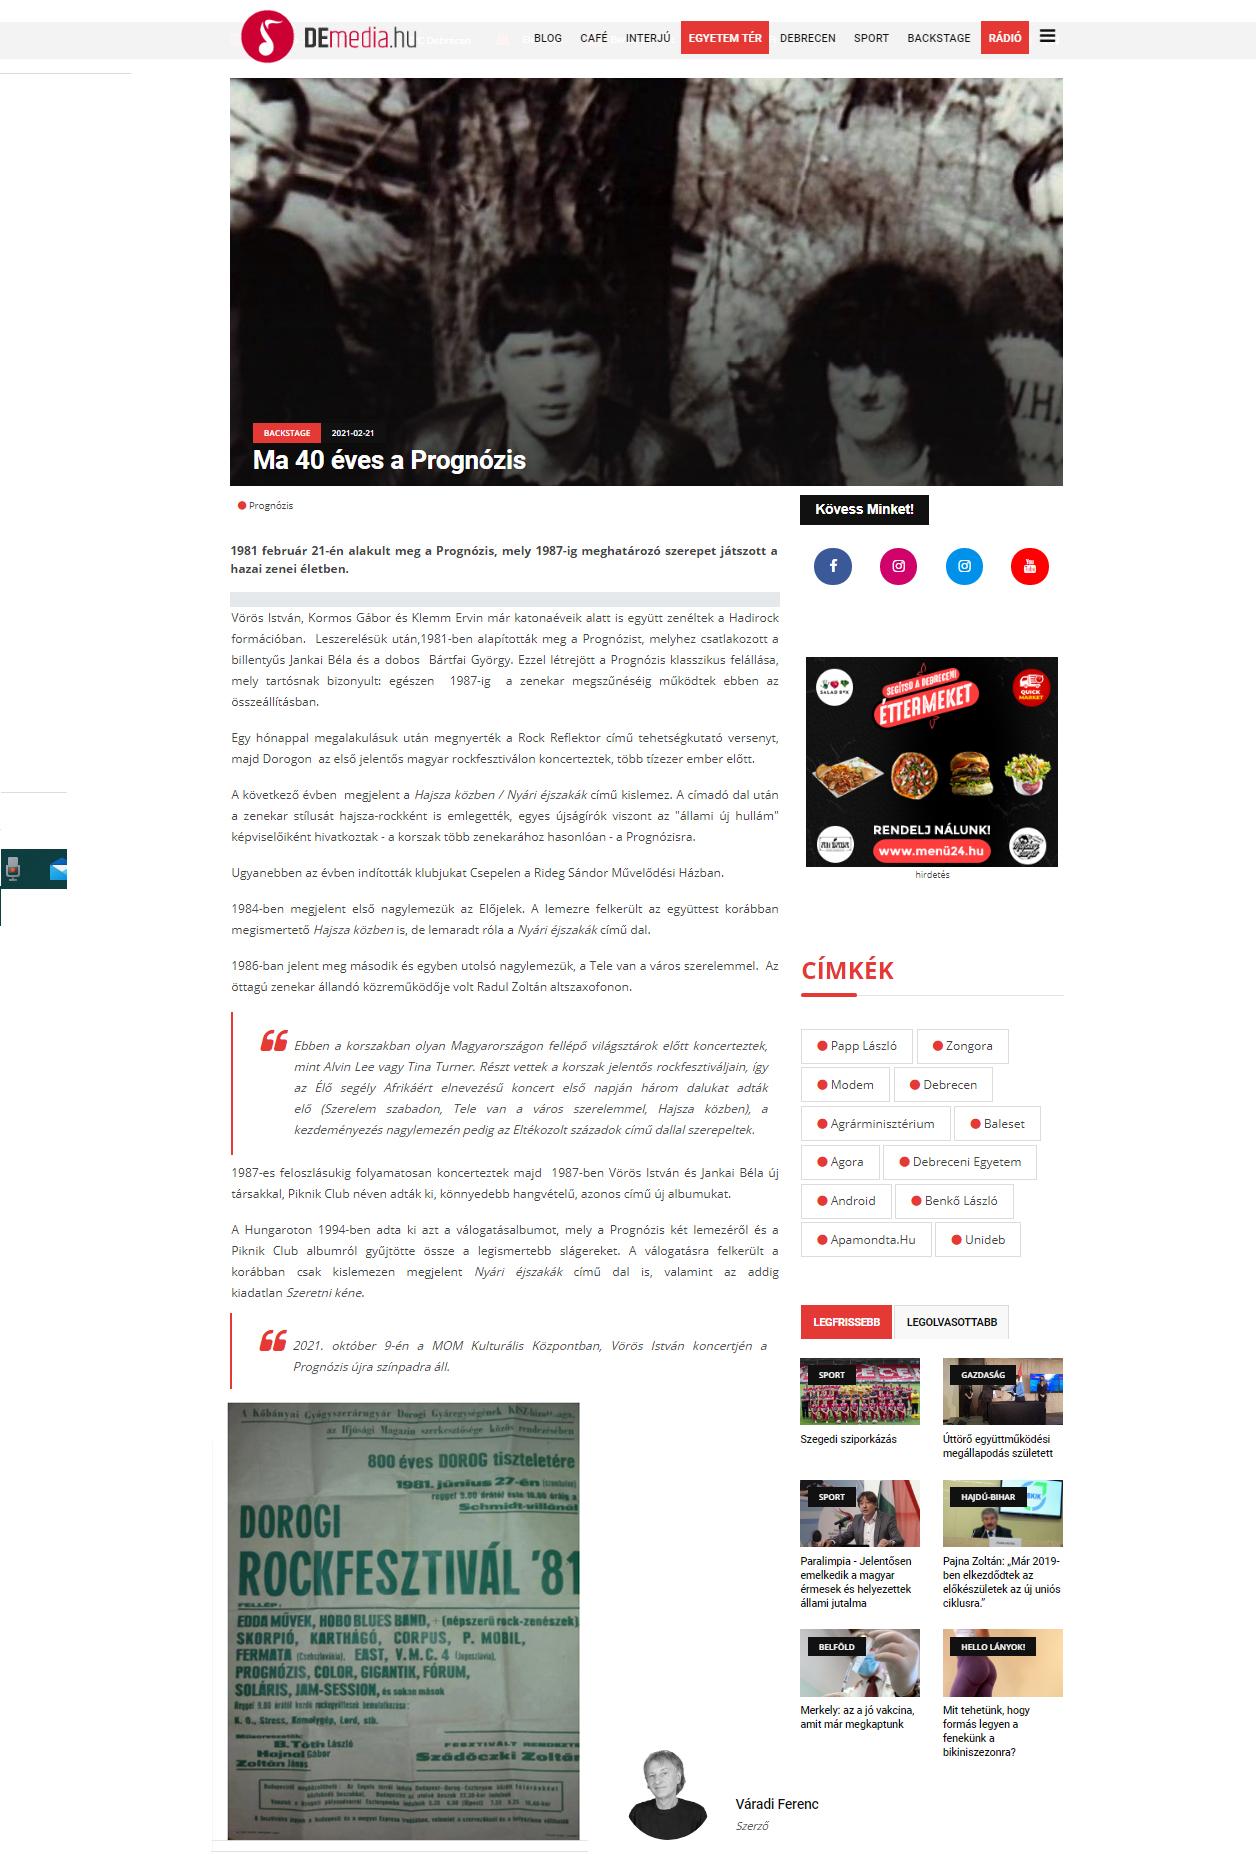 Demedia.hu cikk